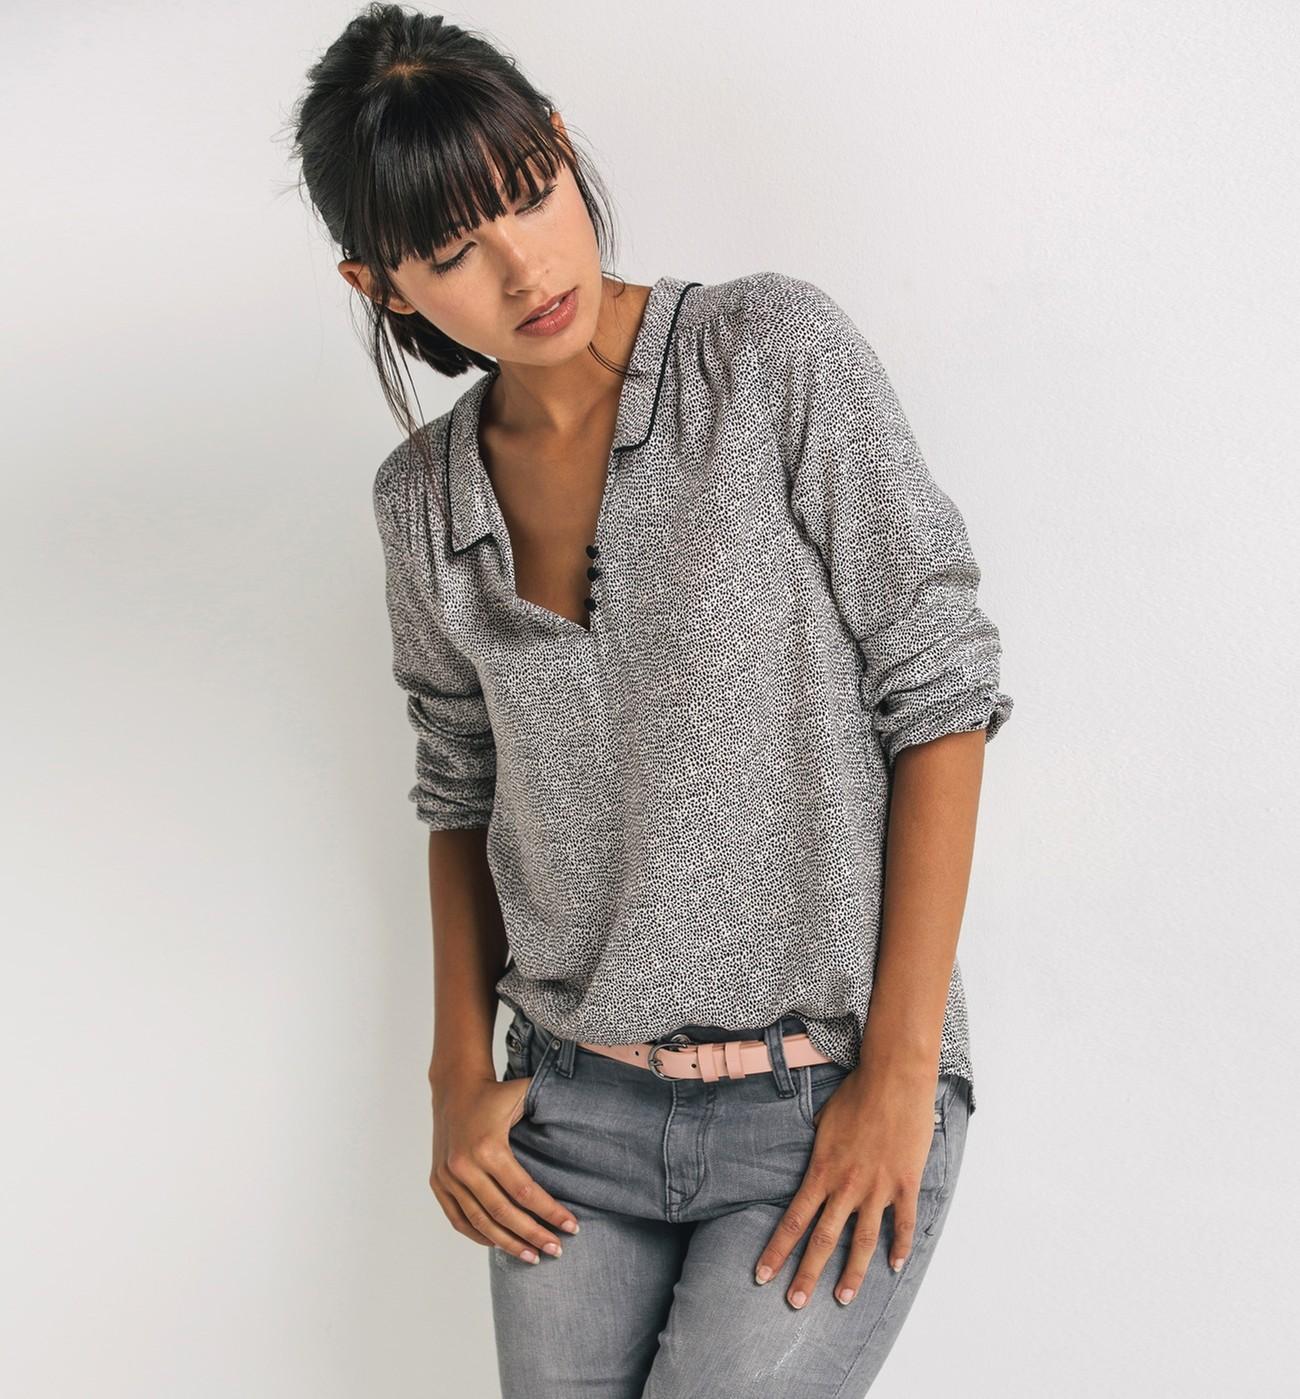 54a58c40dbe7e Je veux trouver une belle chemise femme et agréable à porter pas cher ICI  Blouse tunique femme